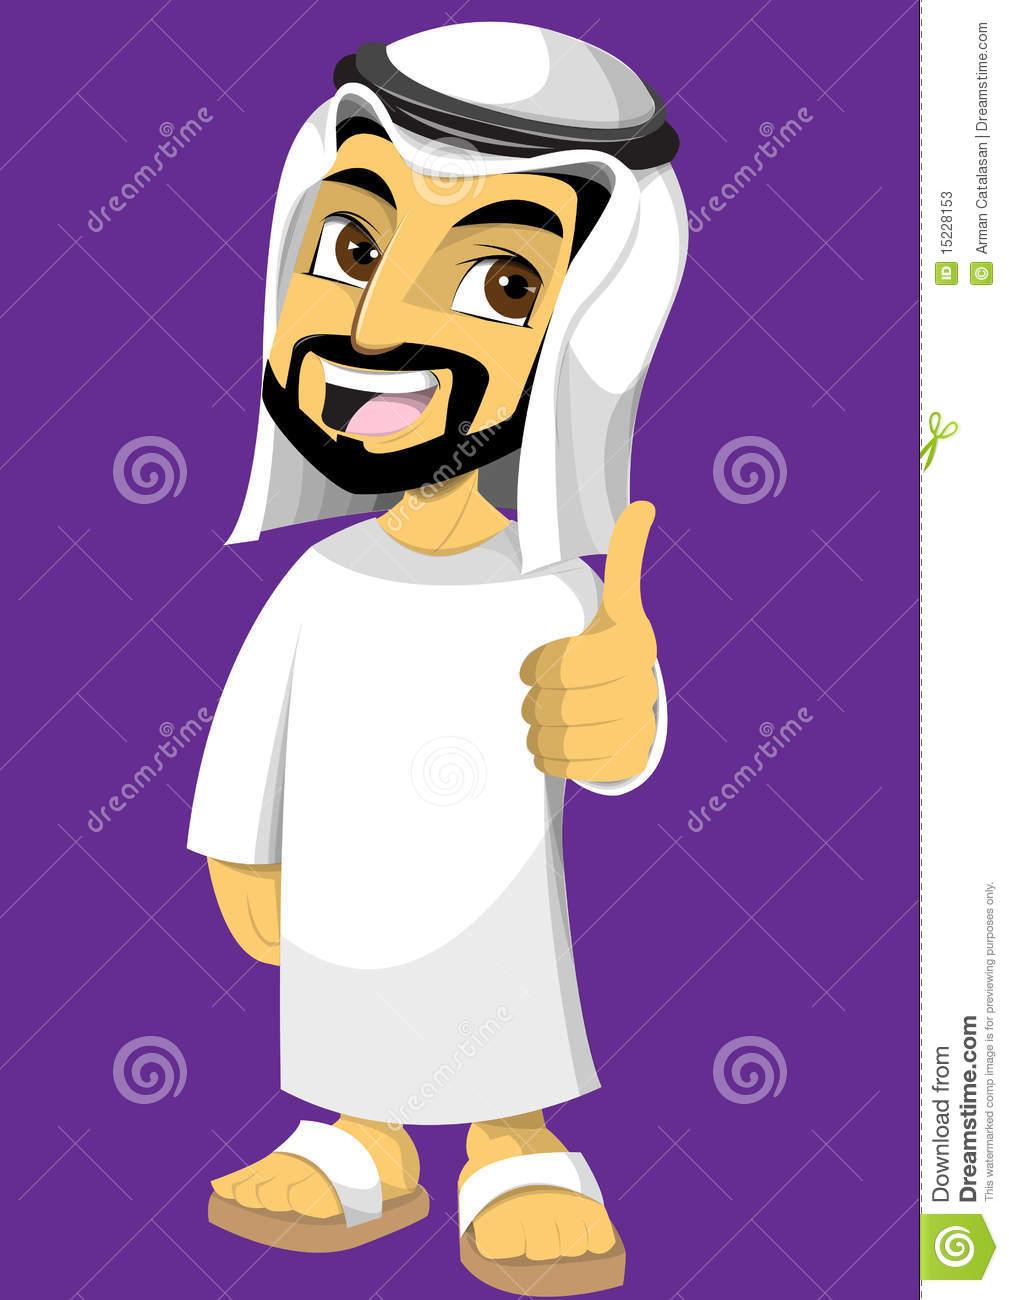 Arab clipart #5